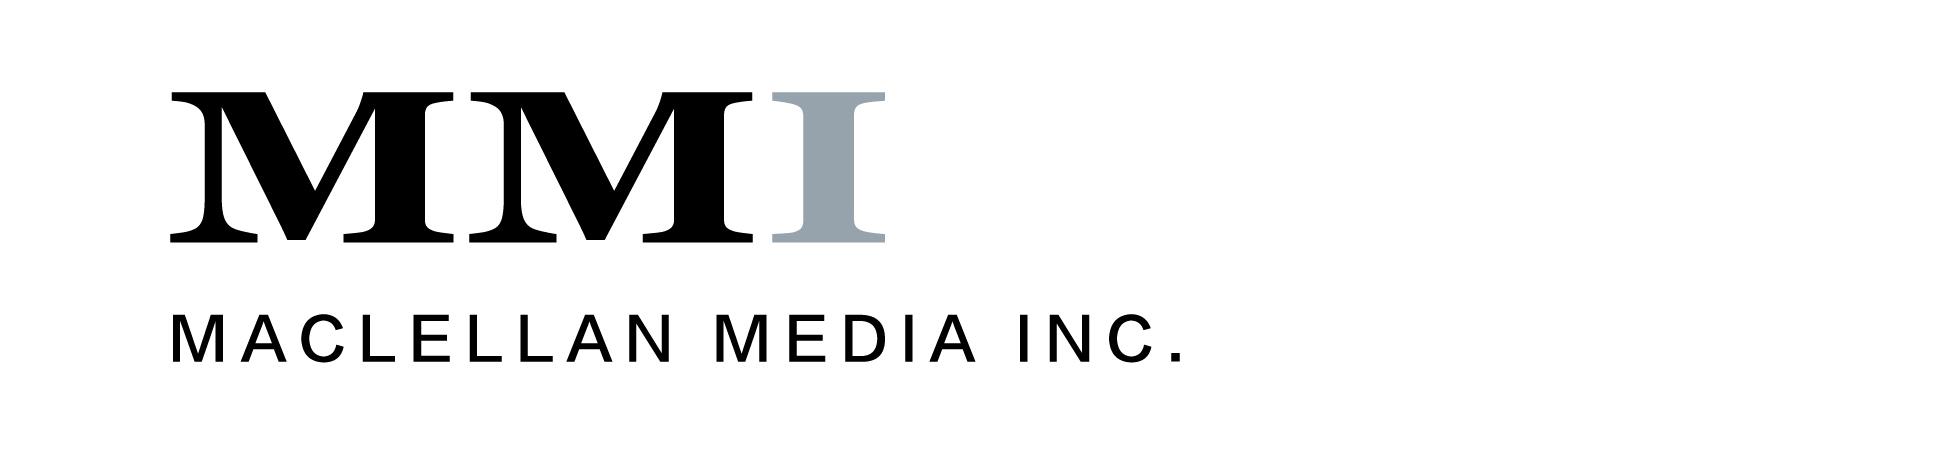 MacLellan Media Inc. logo